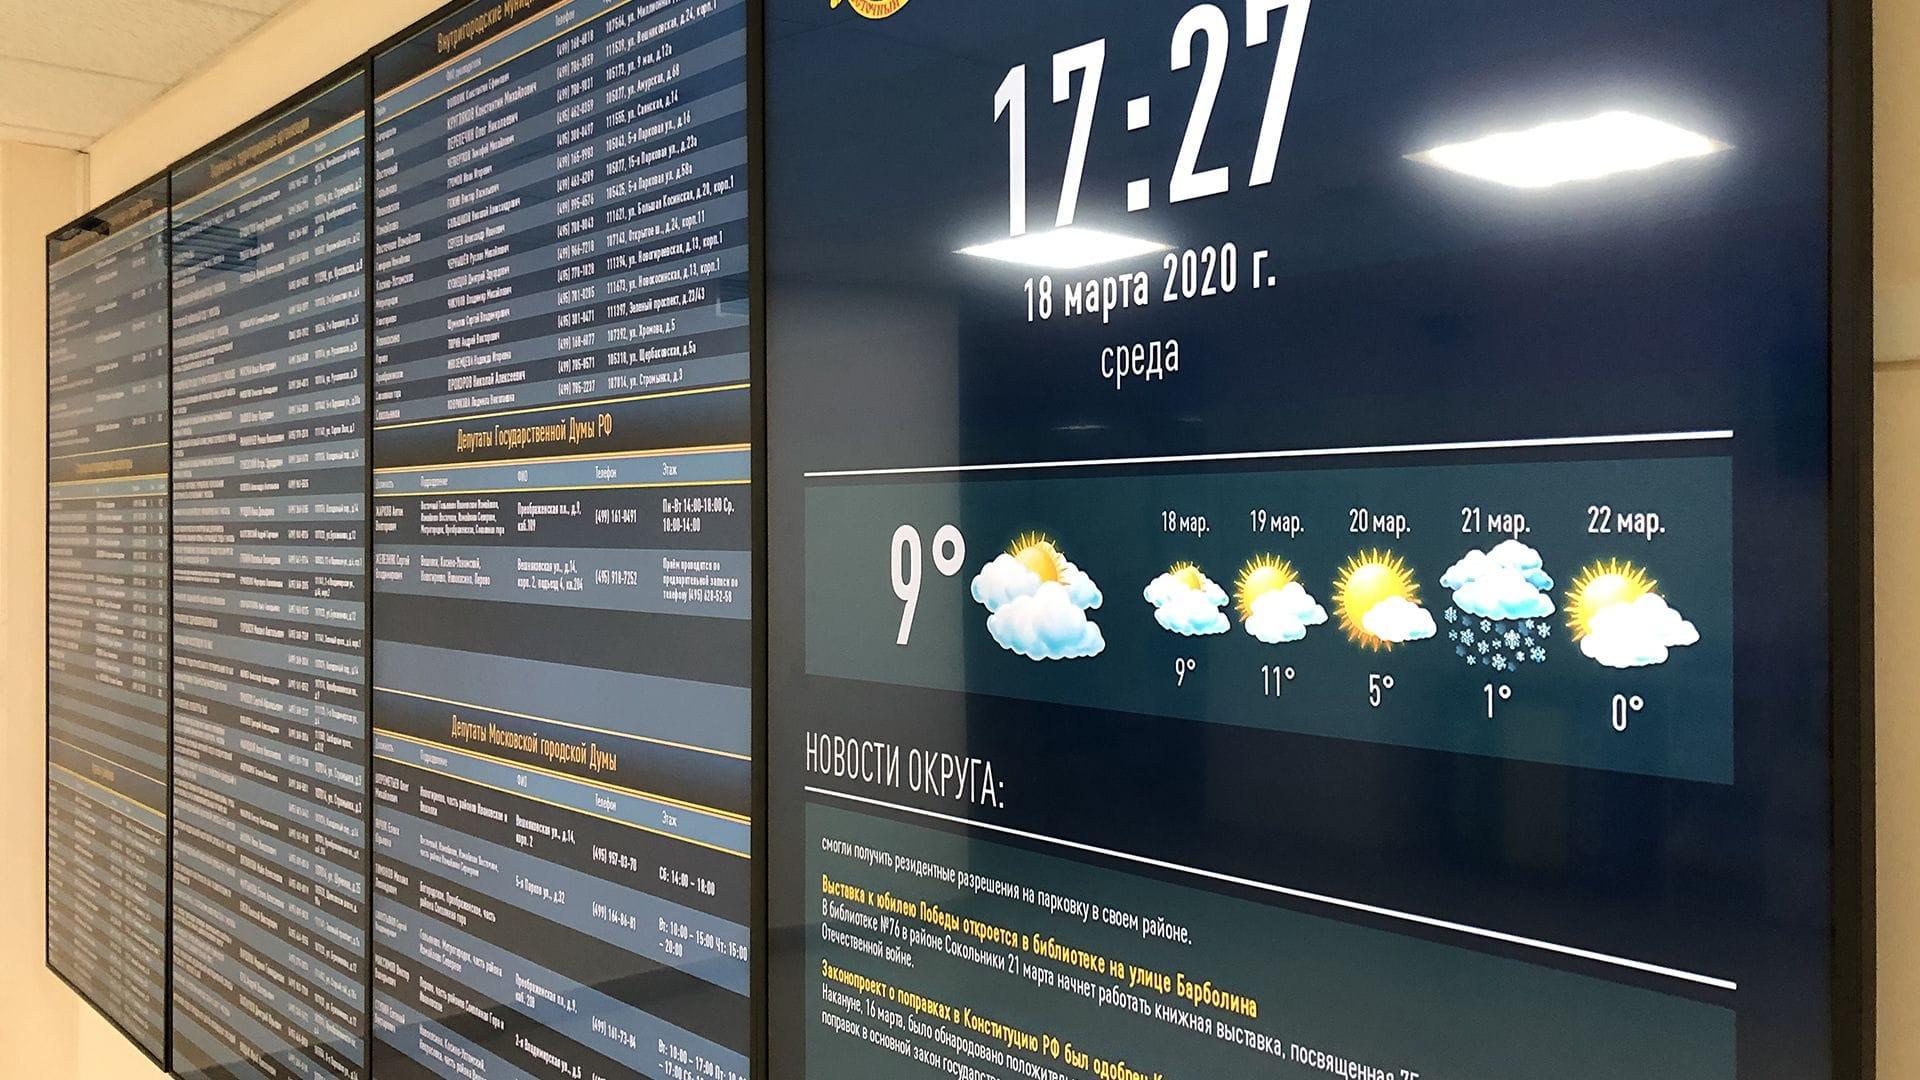 Информационное табло в Префектуре ВАО г. Москвы